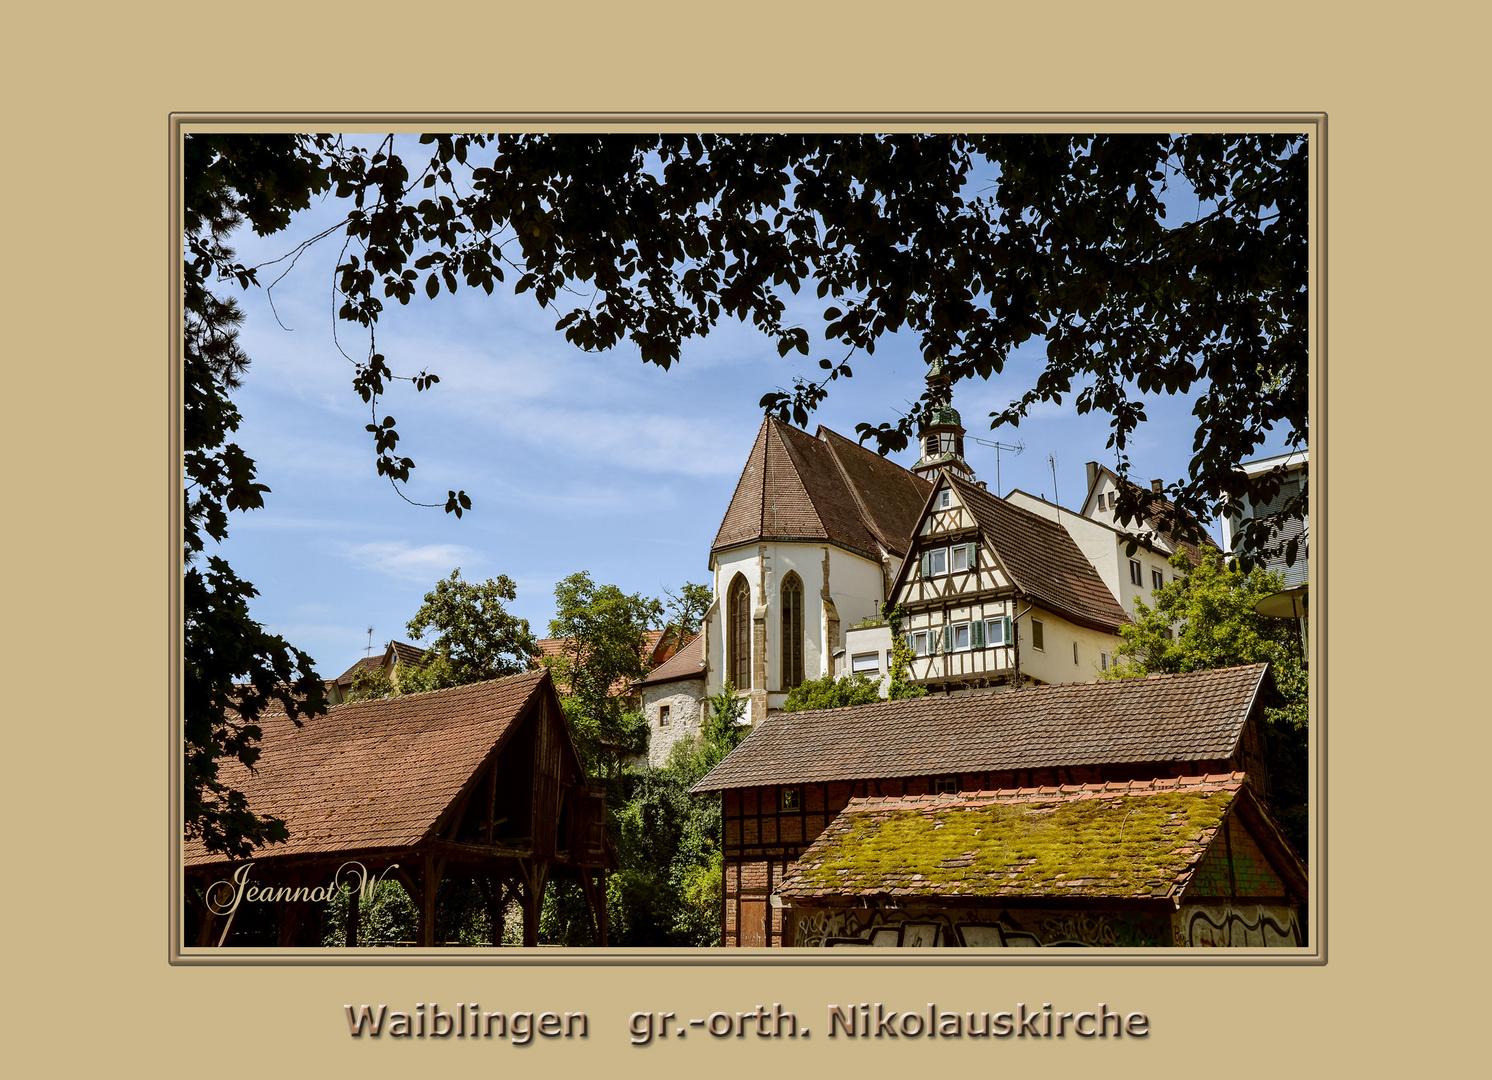 Griechisch Orthodoxische Kirche Waiblingen